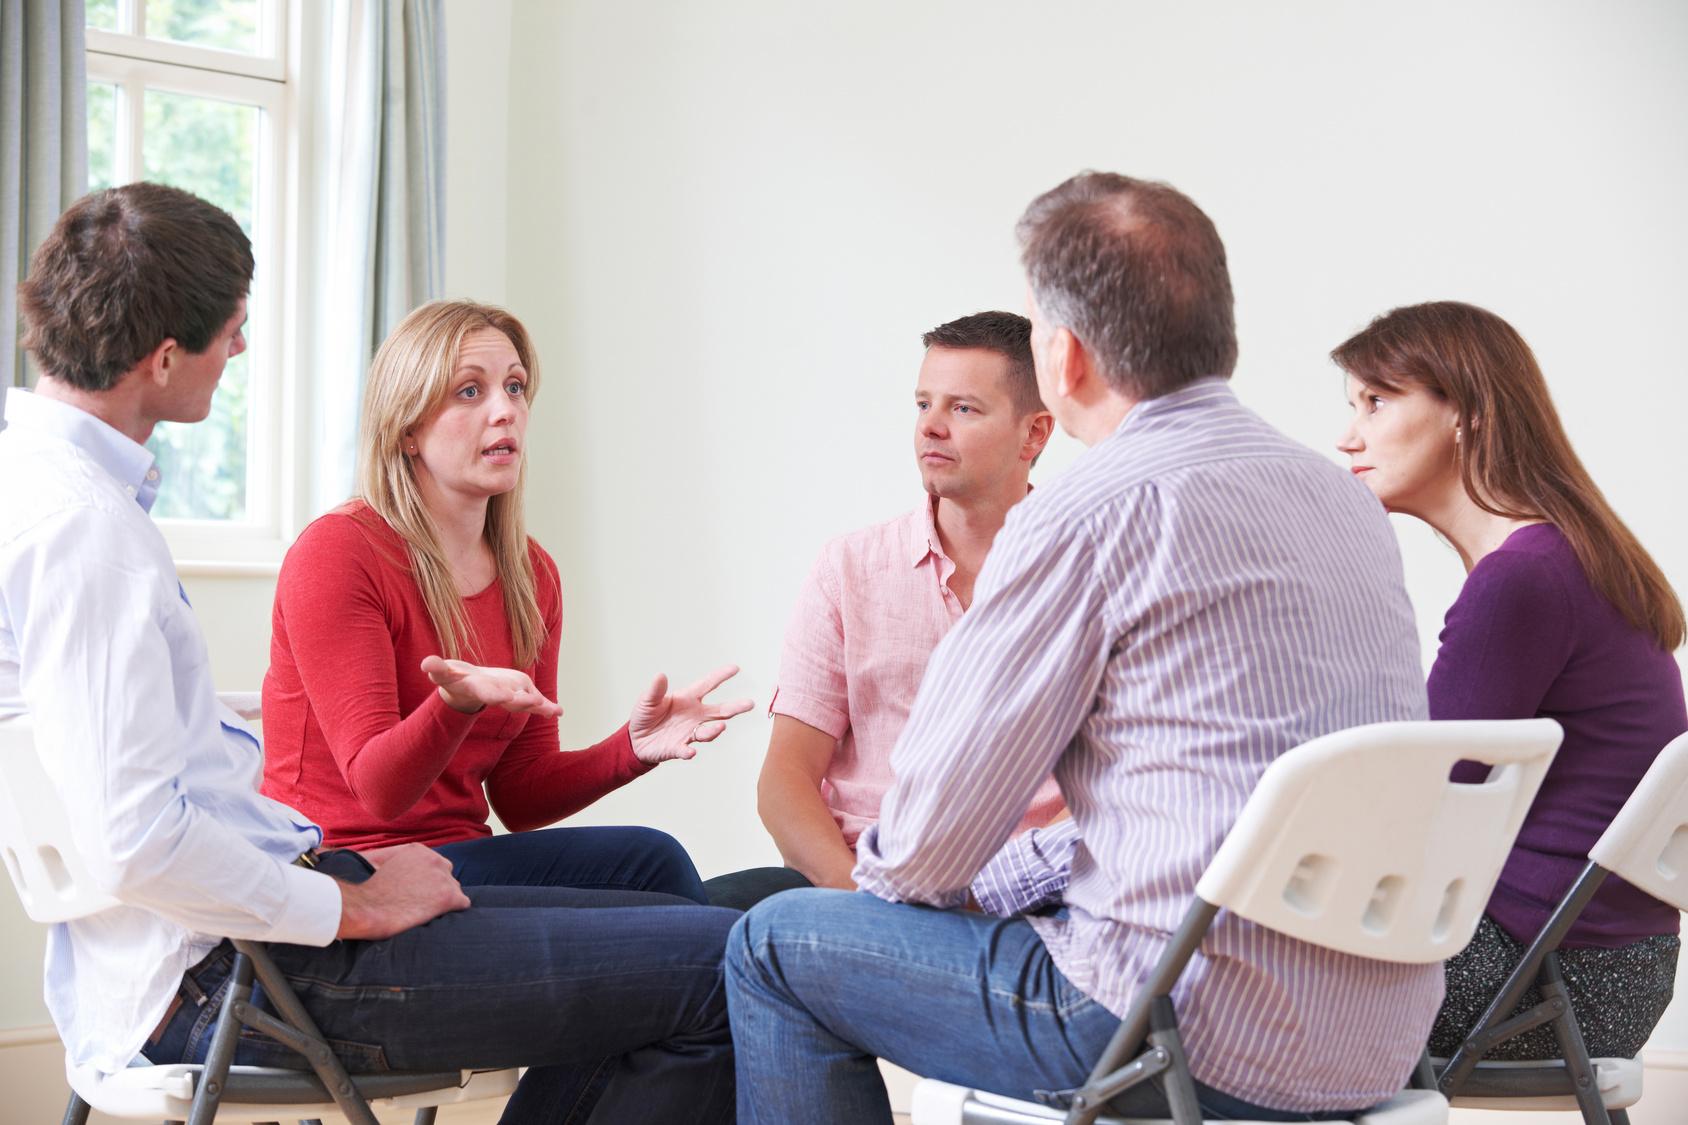 Метод семы лечение алкоголика психология, лечение алкоголизма